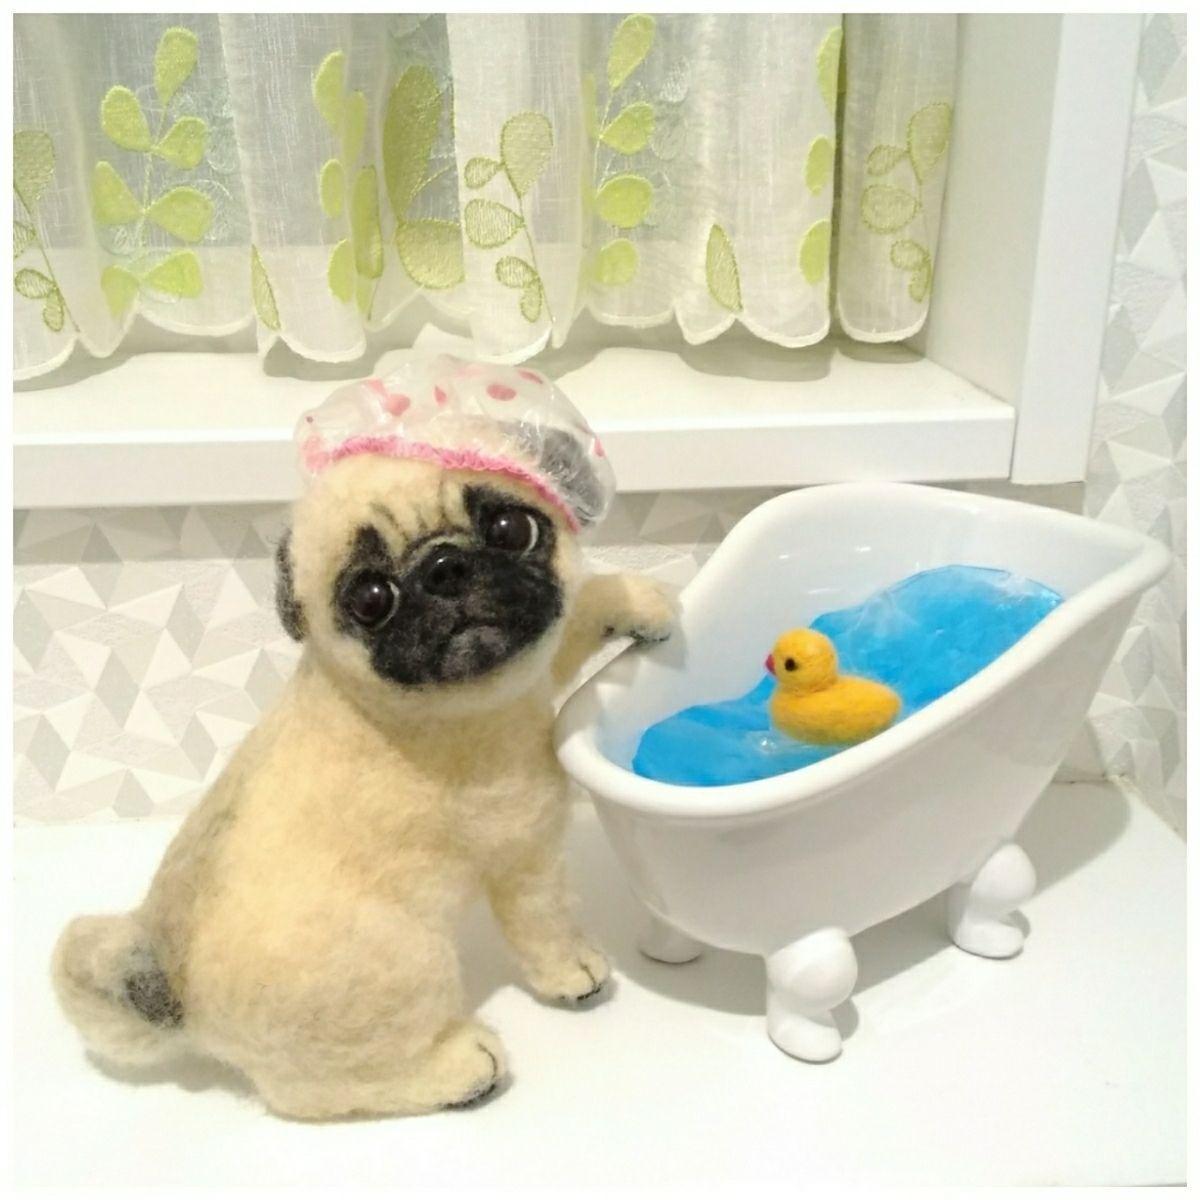 振り返るパグちゃん お風呂タイム グンテ わたわたペット 沢山の中から ご覧くださり本当にありがとうございますm M優しいお母さんが あたたかいお湯をはった湯船にアヒルのおもちゃを浮かべてあげました シャンプーハットをかぶったパグちゃんは お風呂タイム